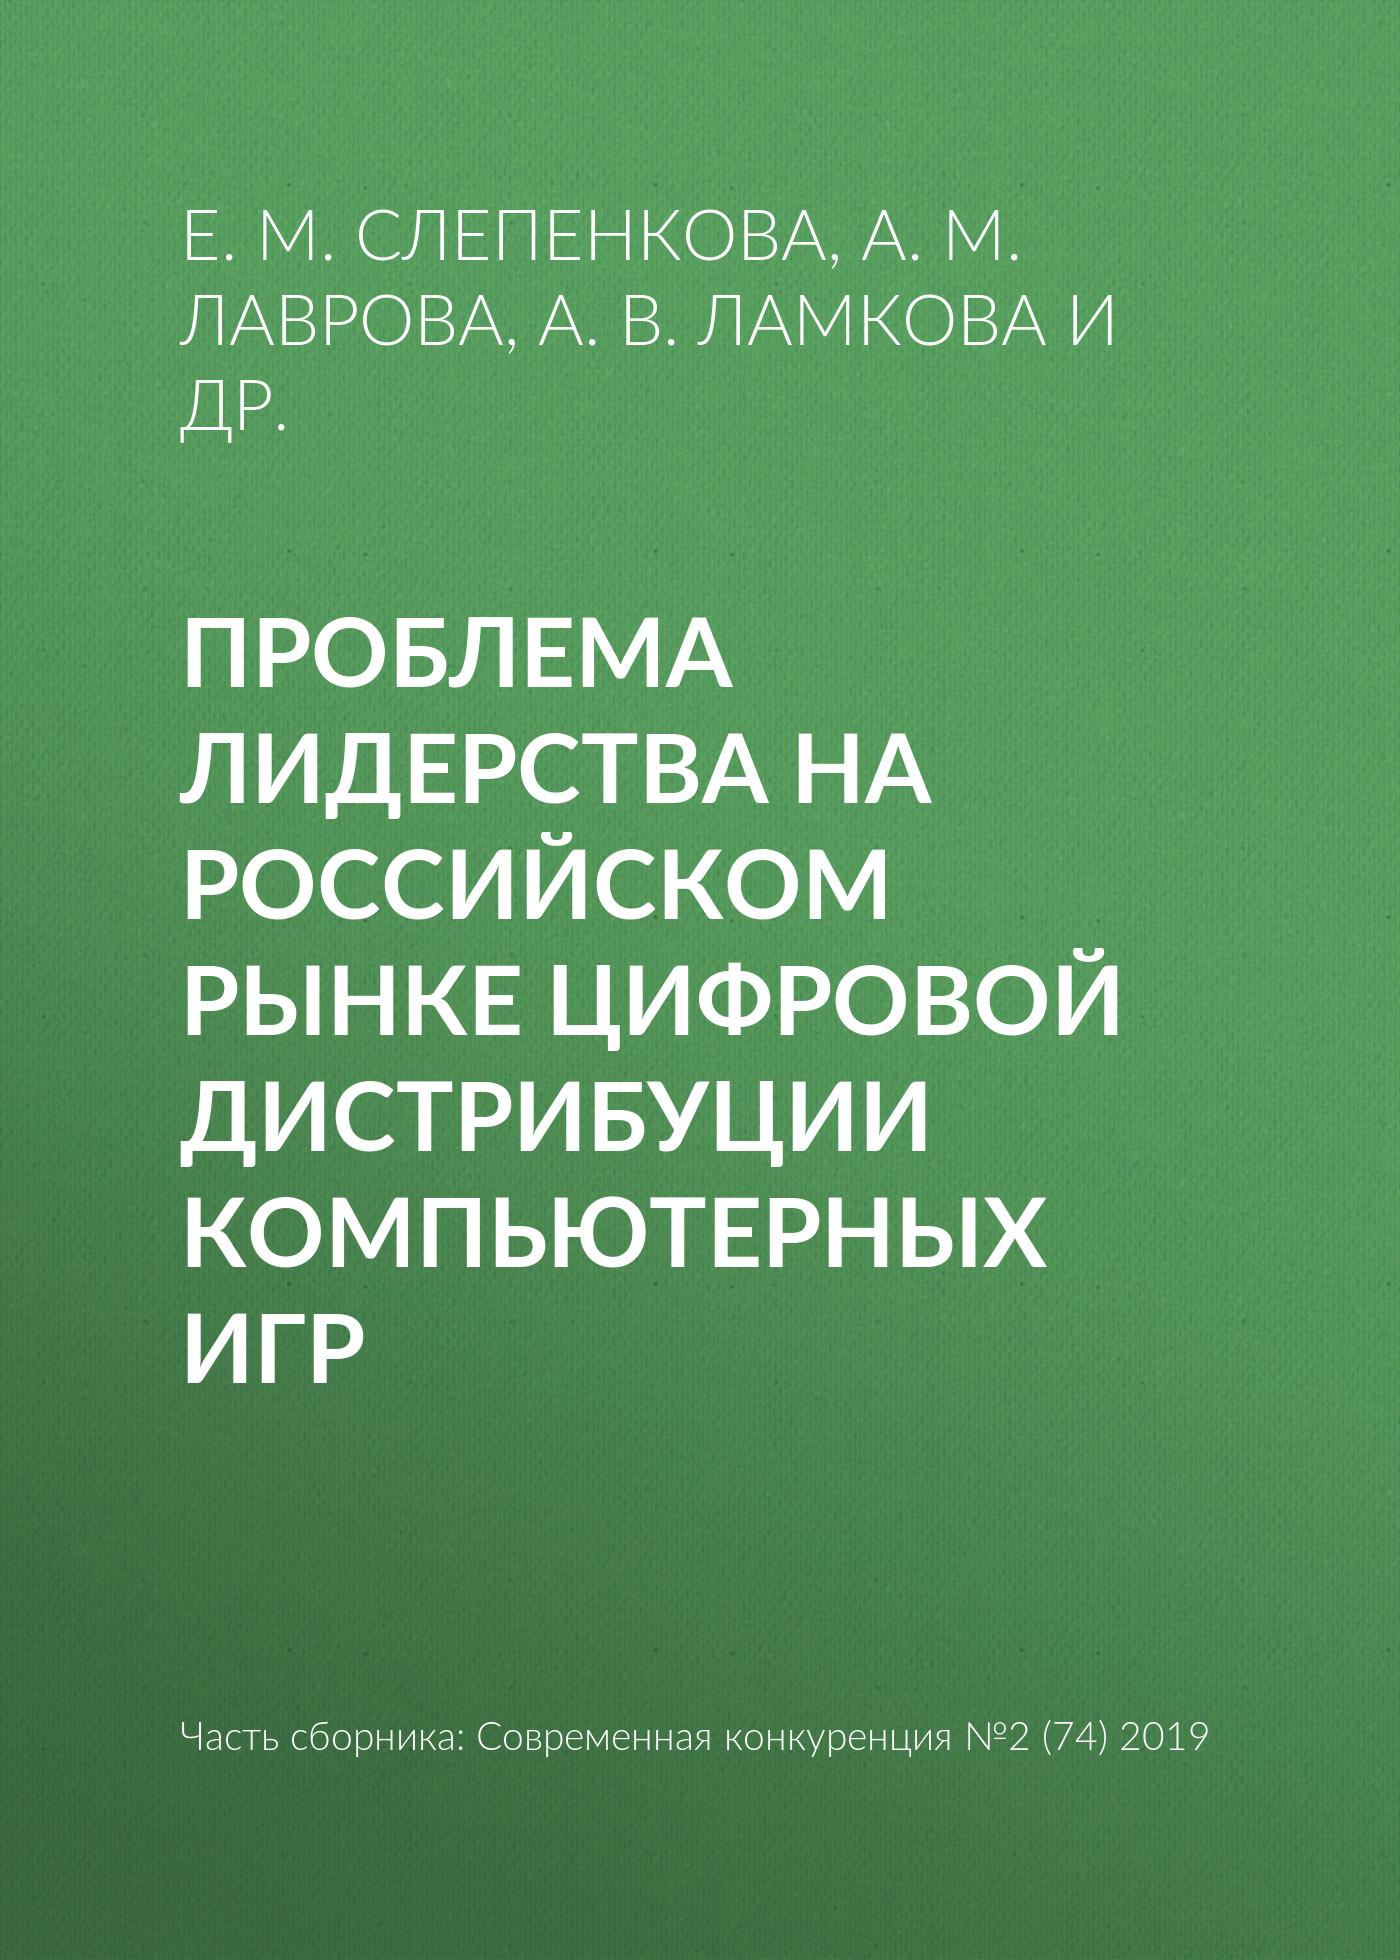 Купить книгу Проблема лидерства на российском рынке цифровой дистрибуции компьютерных игр, автора